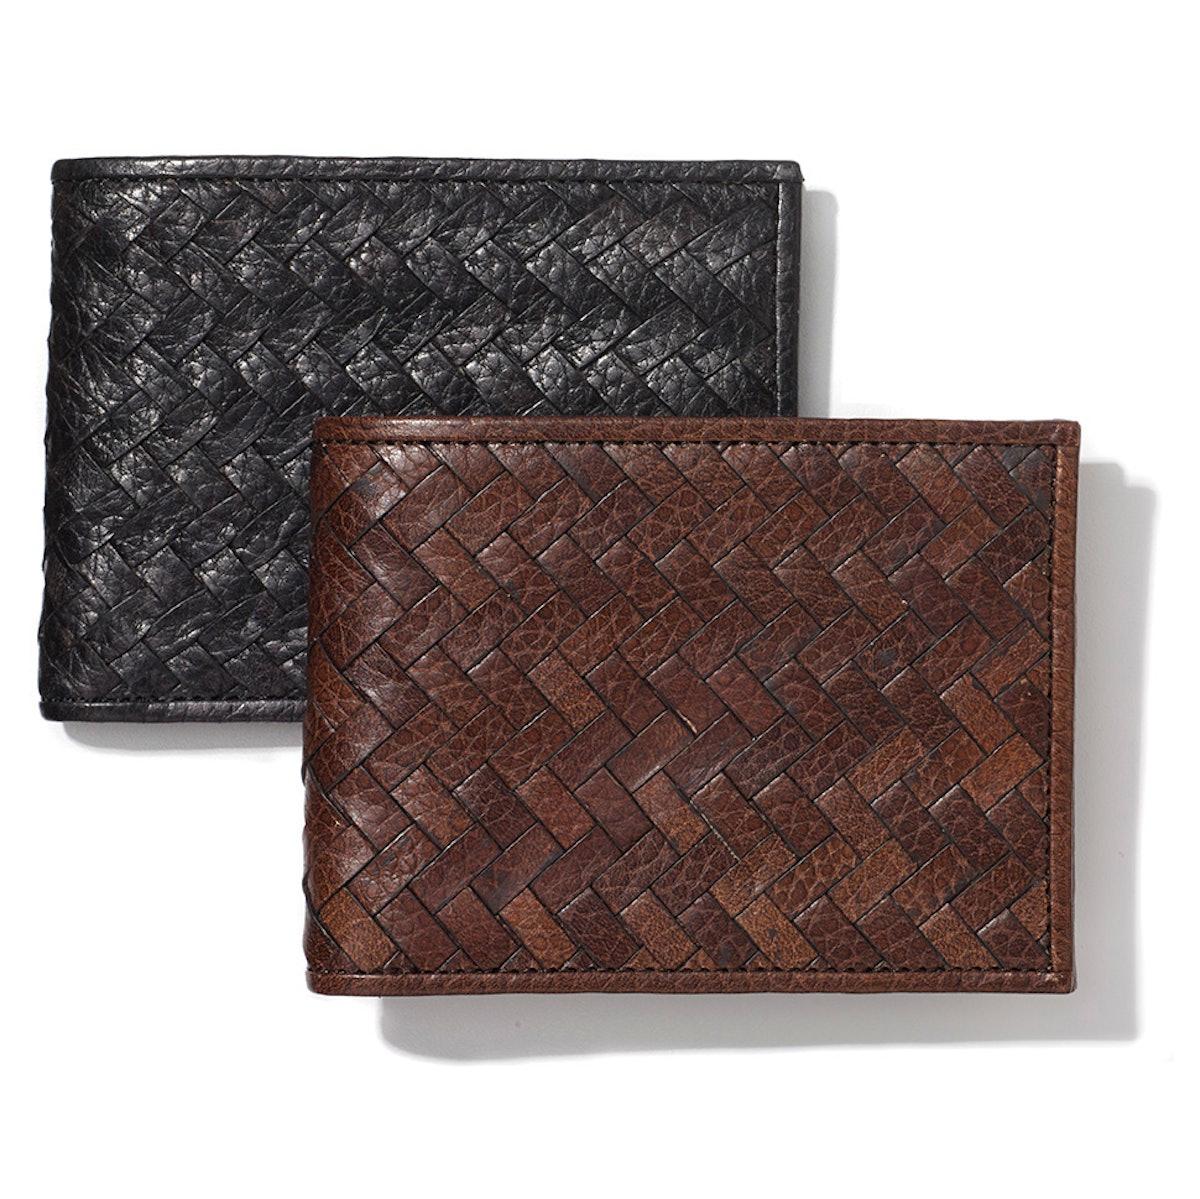 Cole Haan wallets